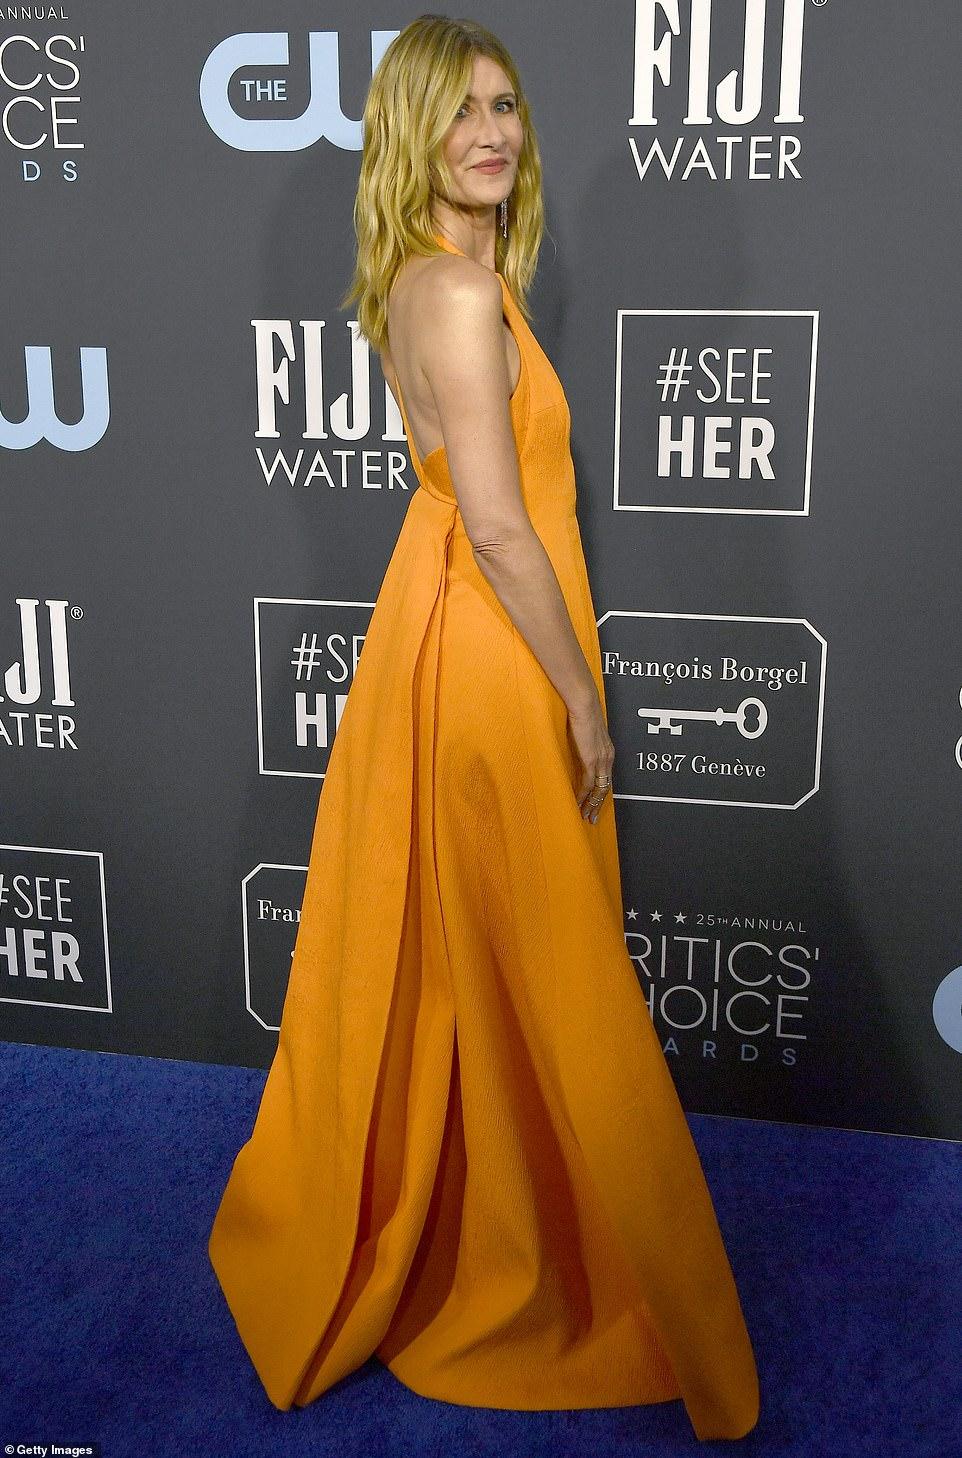 Лора Дерн премия Critics Choice Awards платье